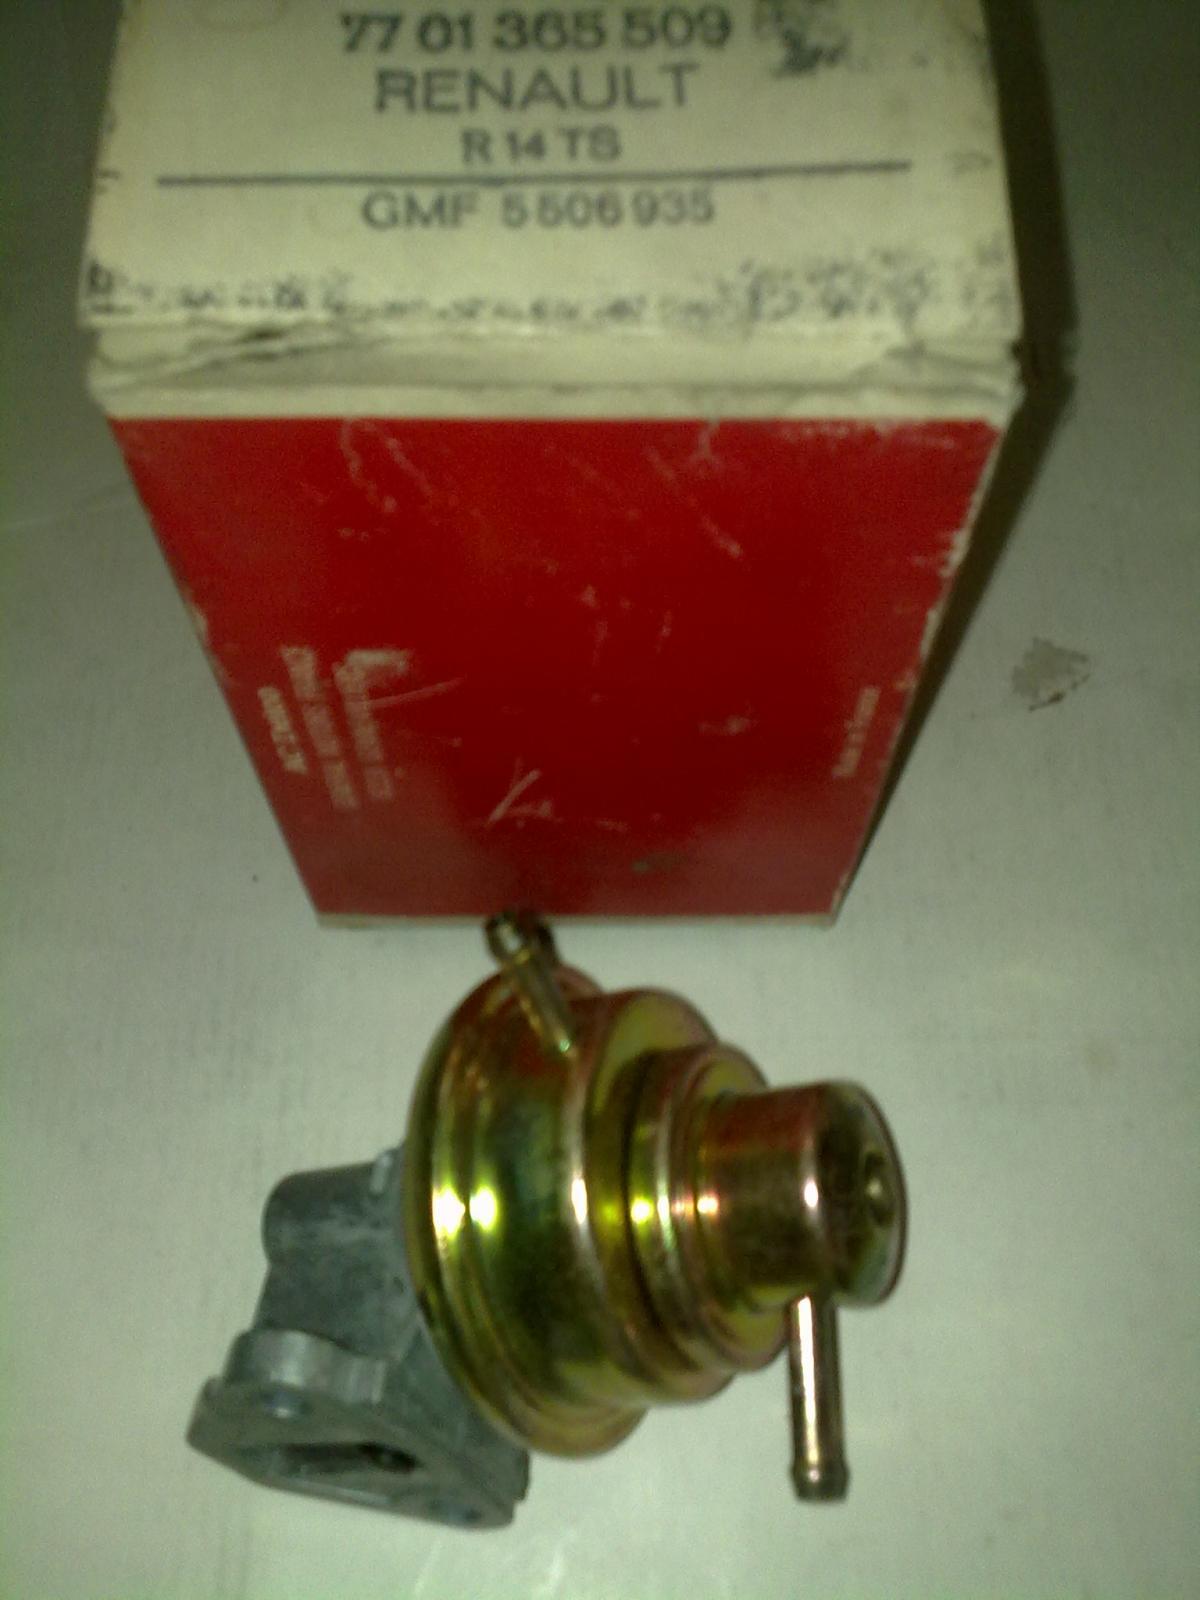 Bomba de gasolina de Renault 14 TS